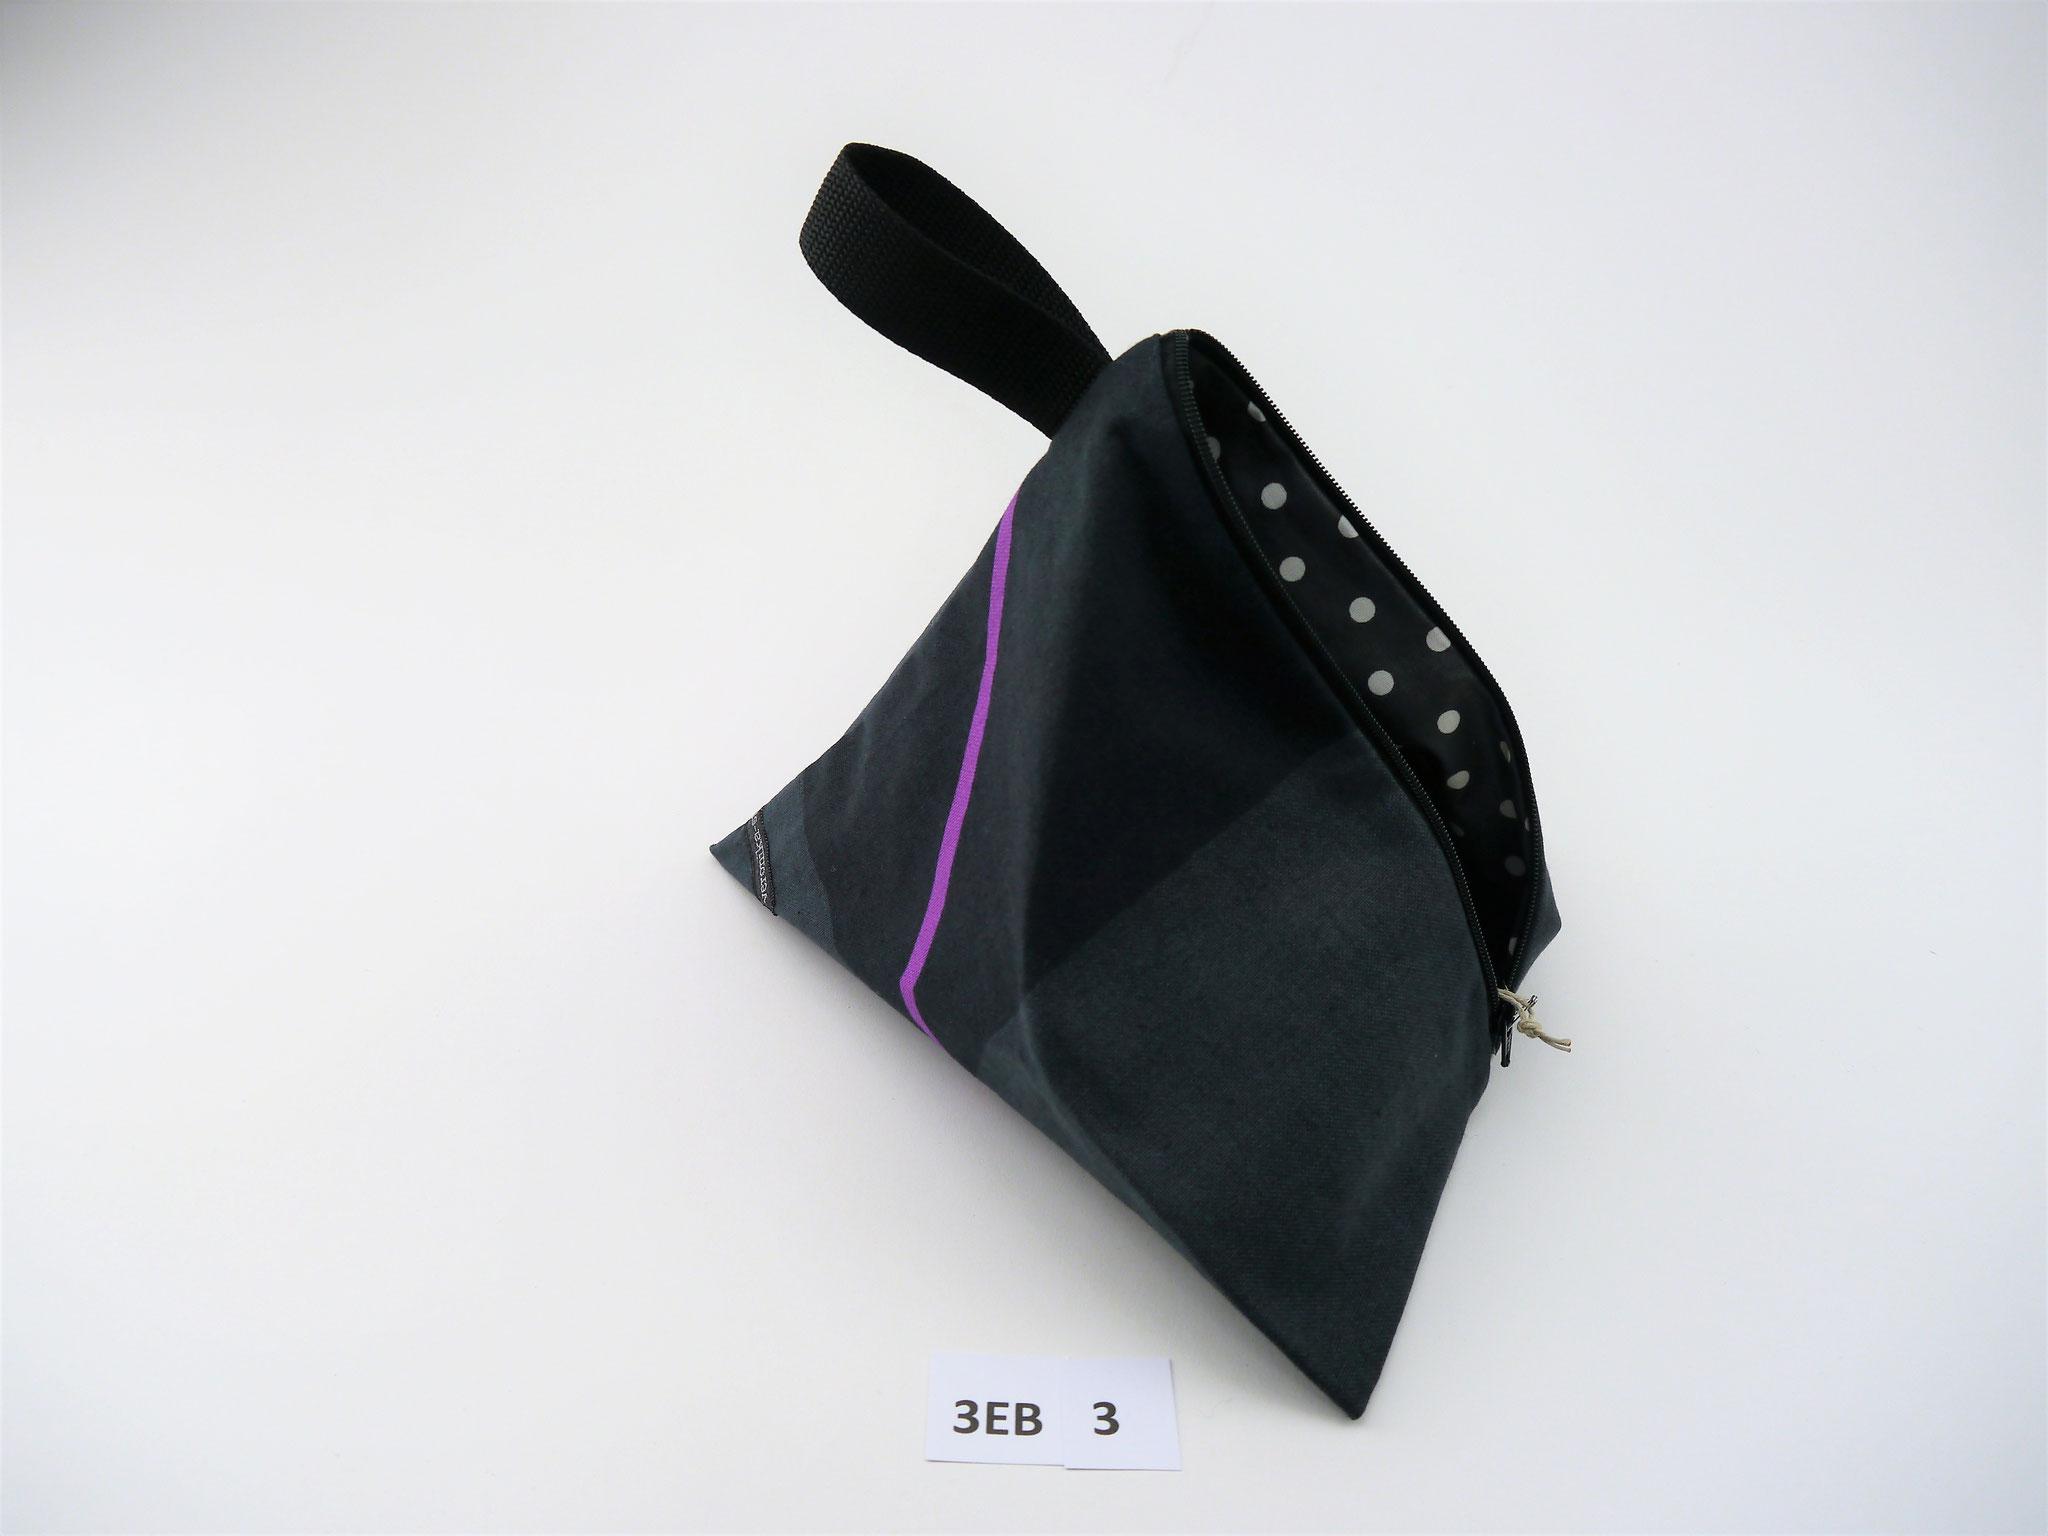 3EB 3 : Breite vorne: 22,5 cm * Länge Reißverschluss: 20 cm * Tiefe in Spitze vom Boden: 22 cm * AS BW / IS BBW öko * 16,90€